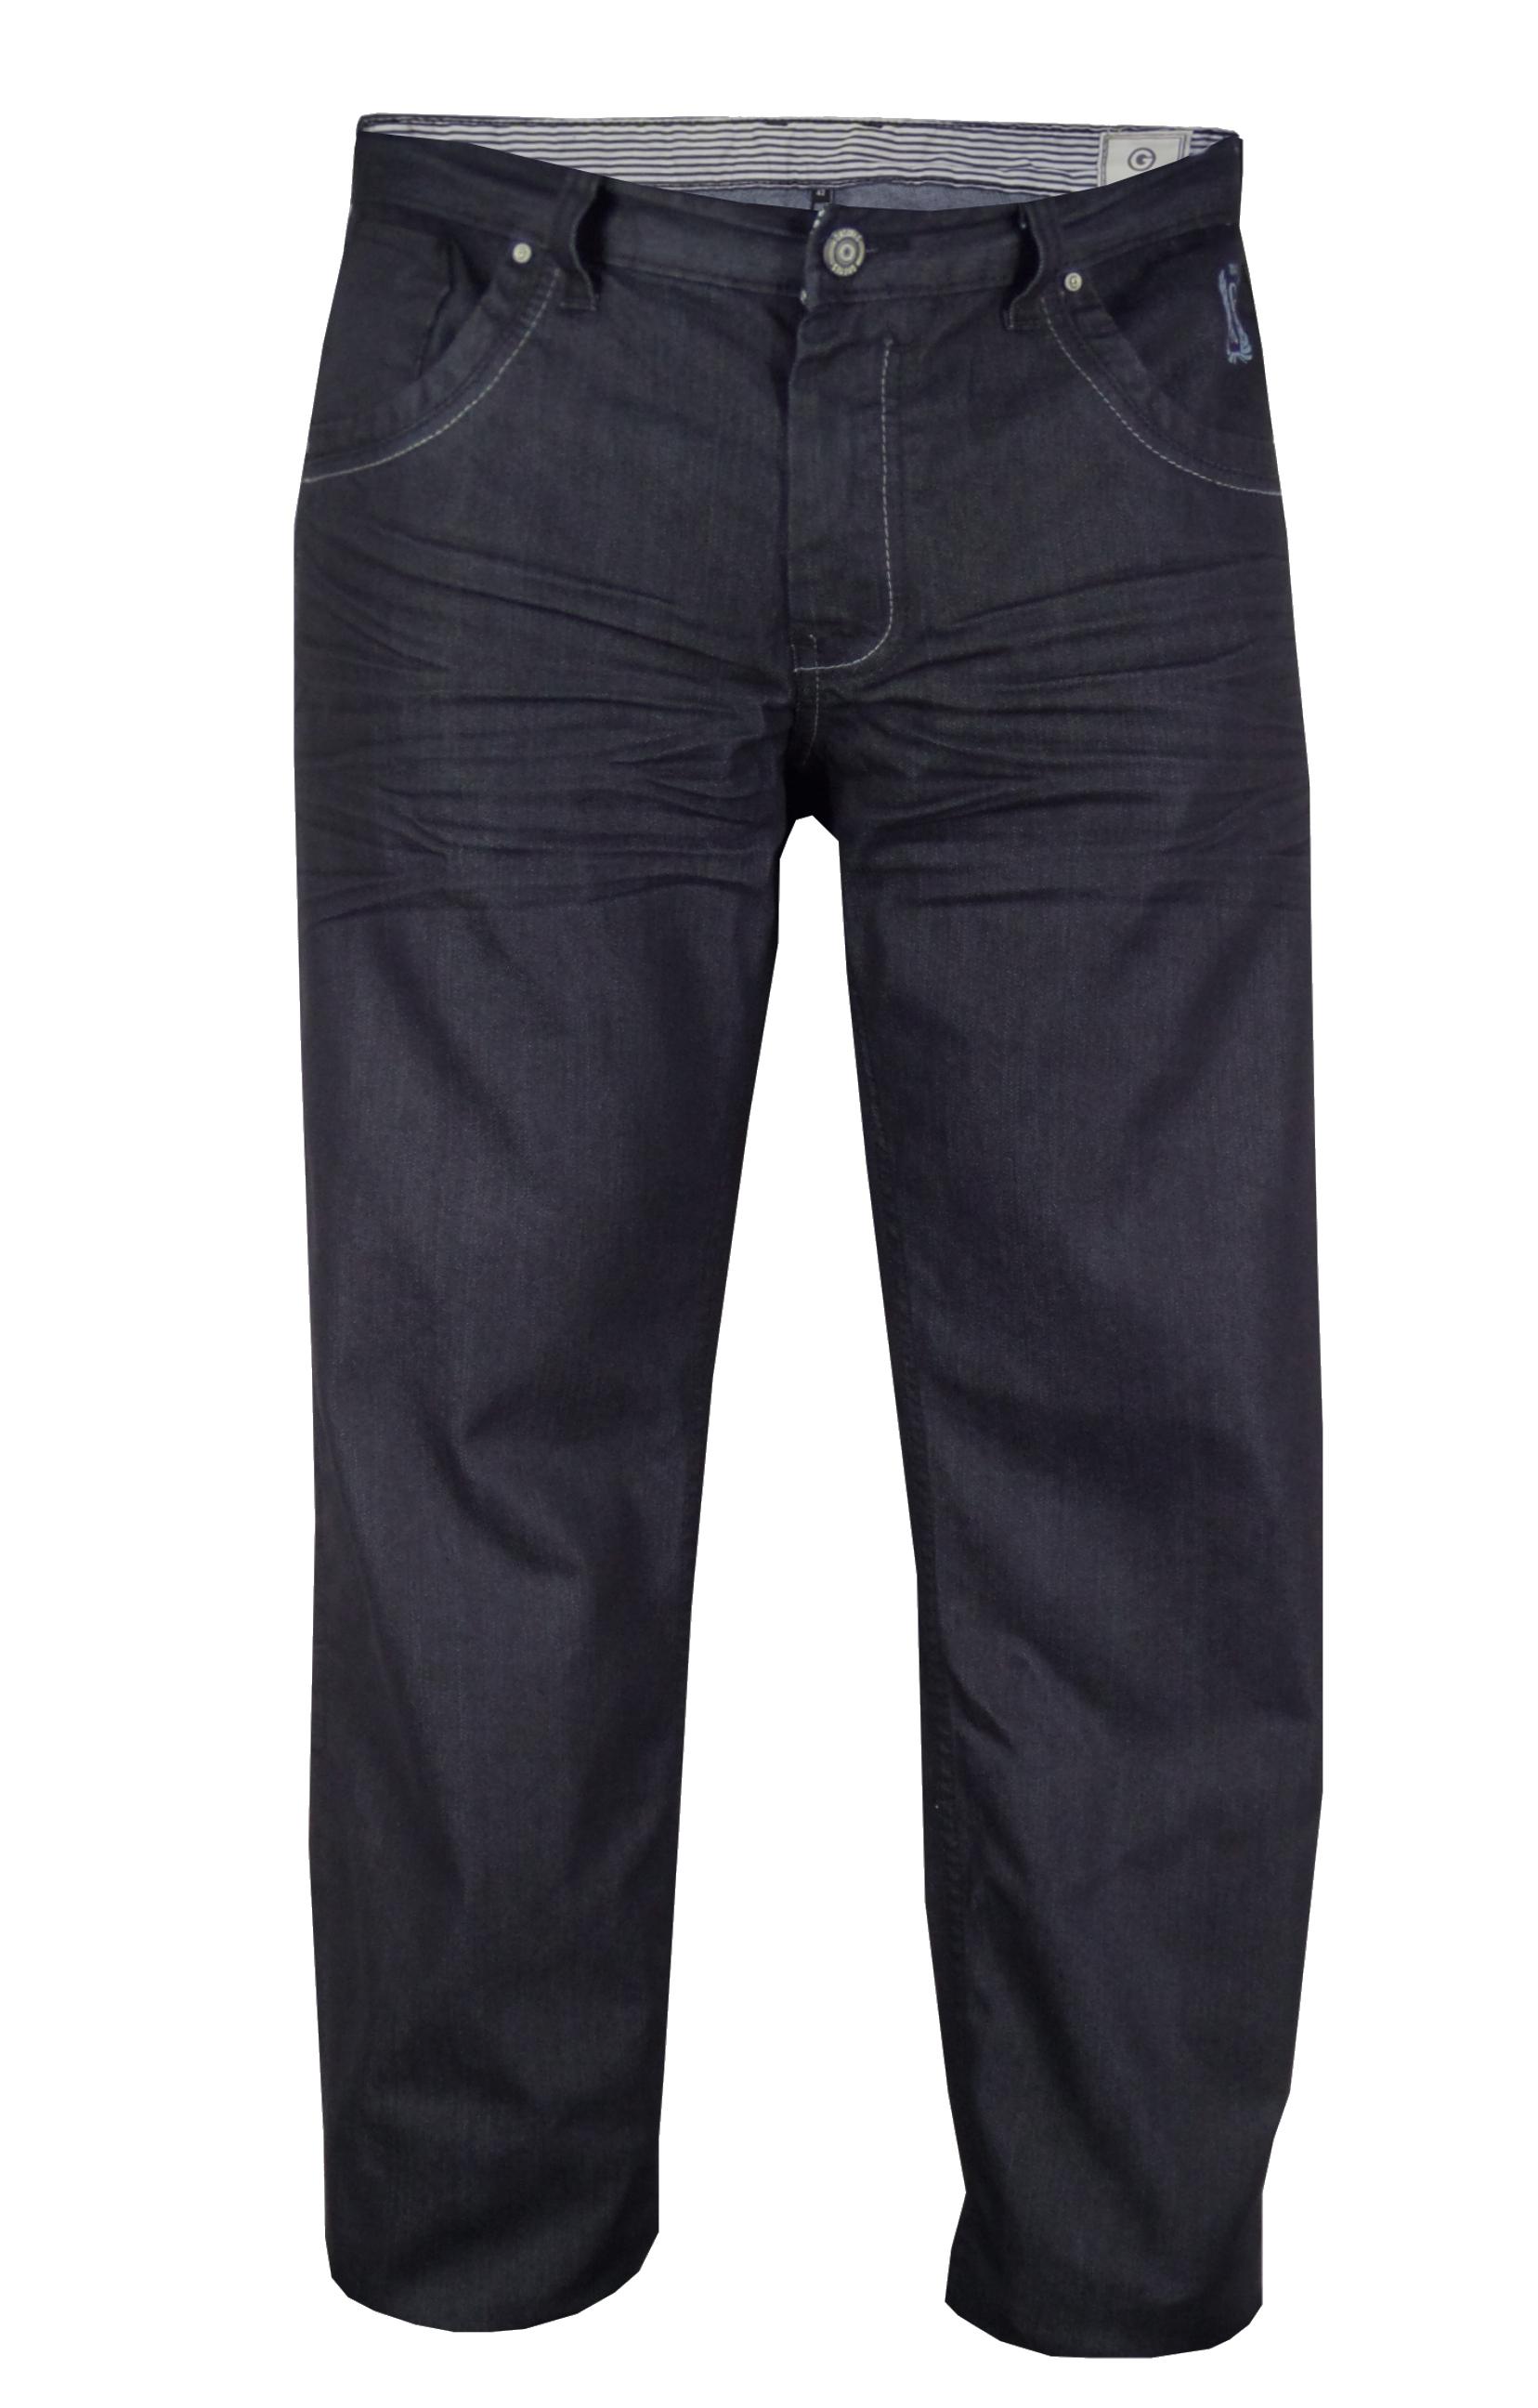 Stoere Greyes jeans met een knoop-ritssluiting, rond uitgesneden steekzakken aan de voorzijde, waarvan 1 met een muntzakje en 1 met een opgedrukte print, 2 achterzakken, riemlussen aan de tailleband, een contrasterende stof in de tailleband en naden in een contrasterende kleur.Beenlengte: 34 Inch (87 cm)